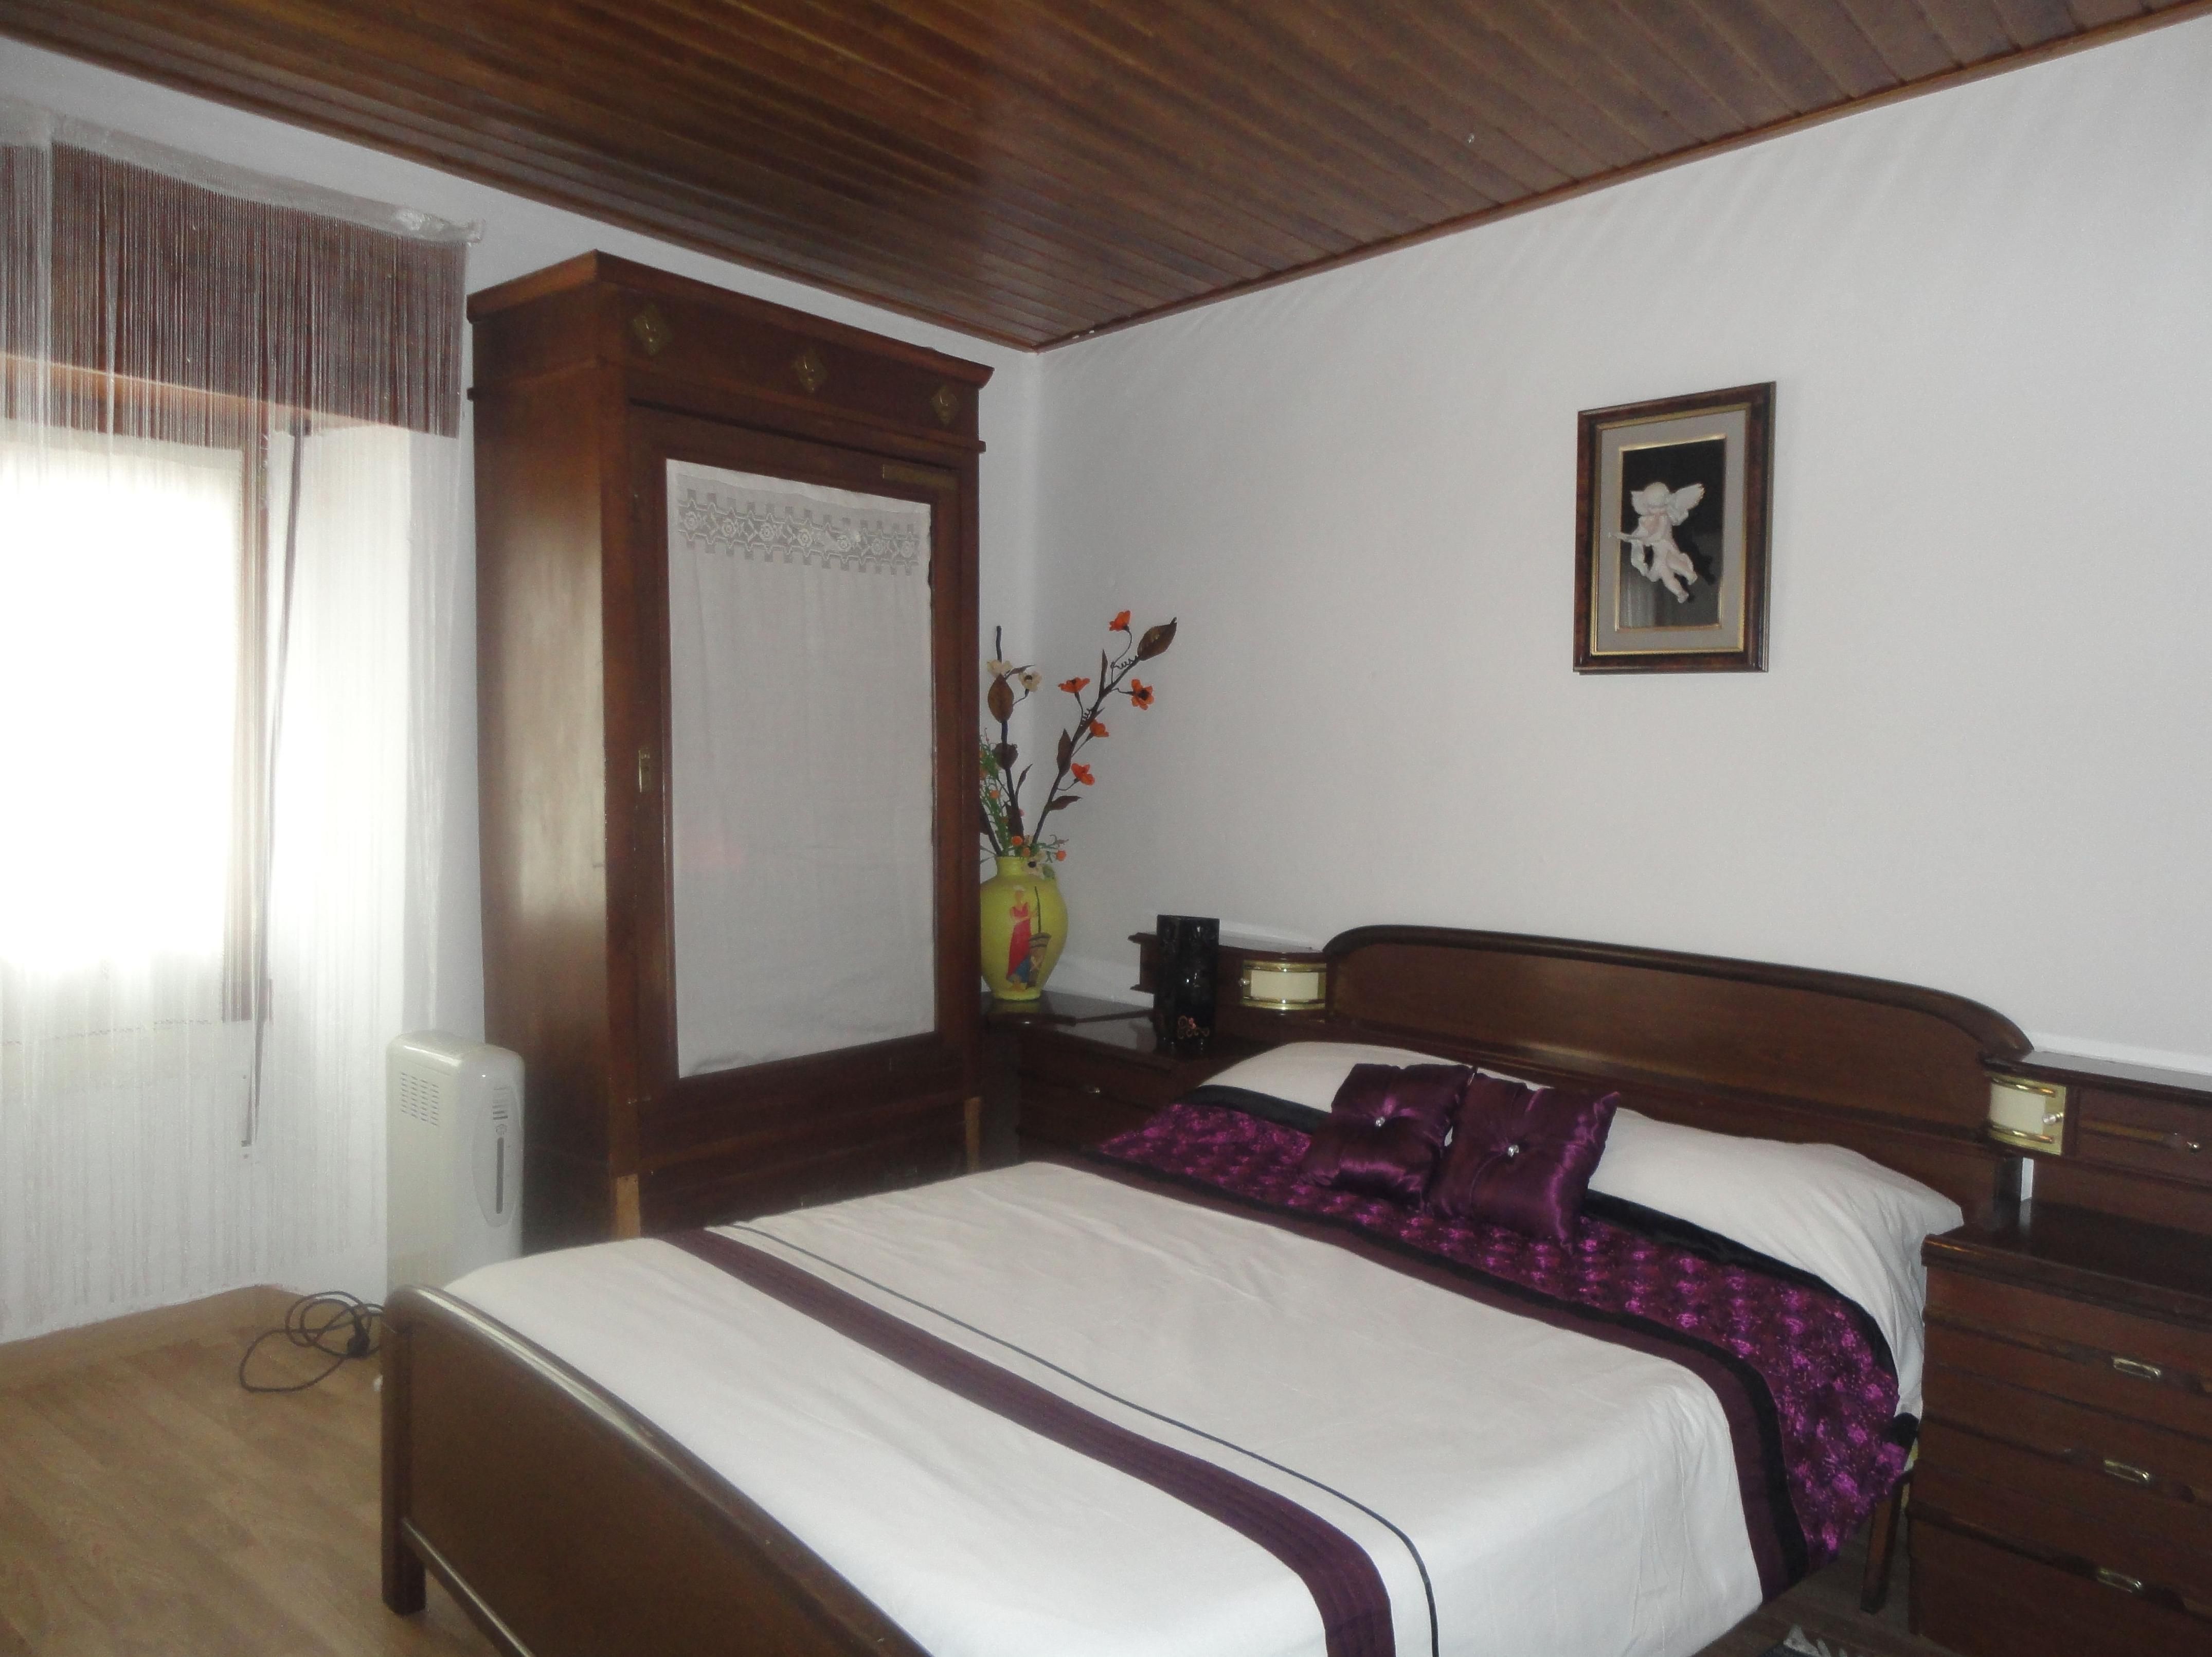 Habitacion nº 6  con cama de matrimonio